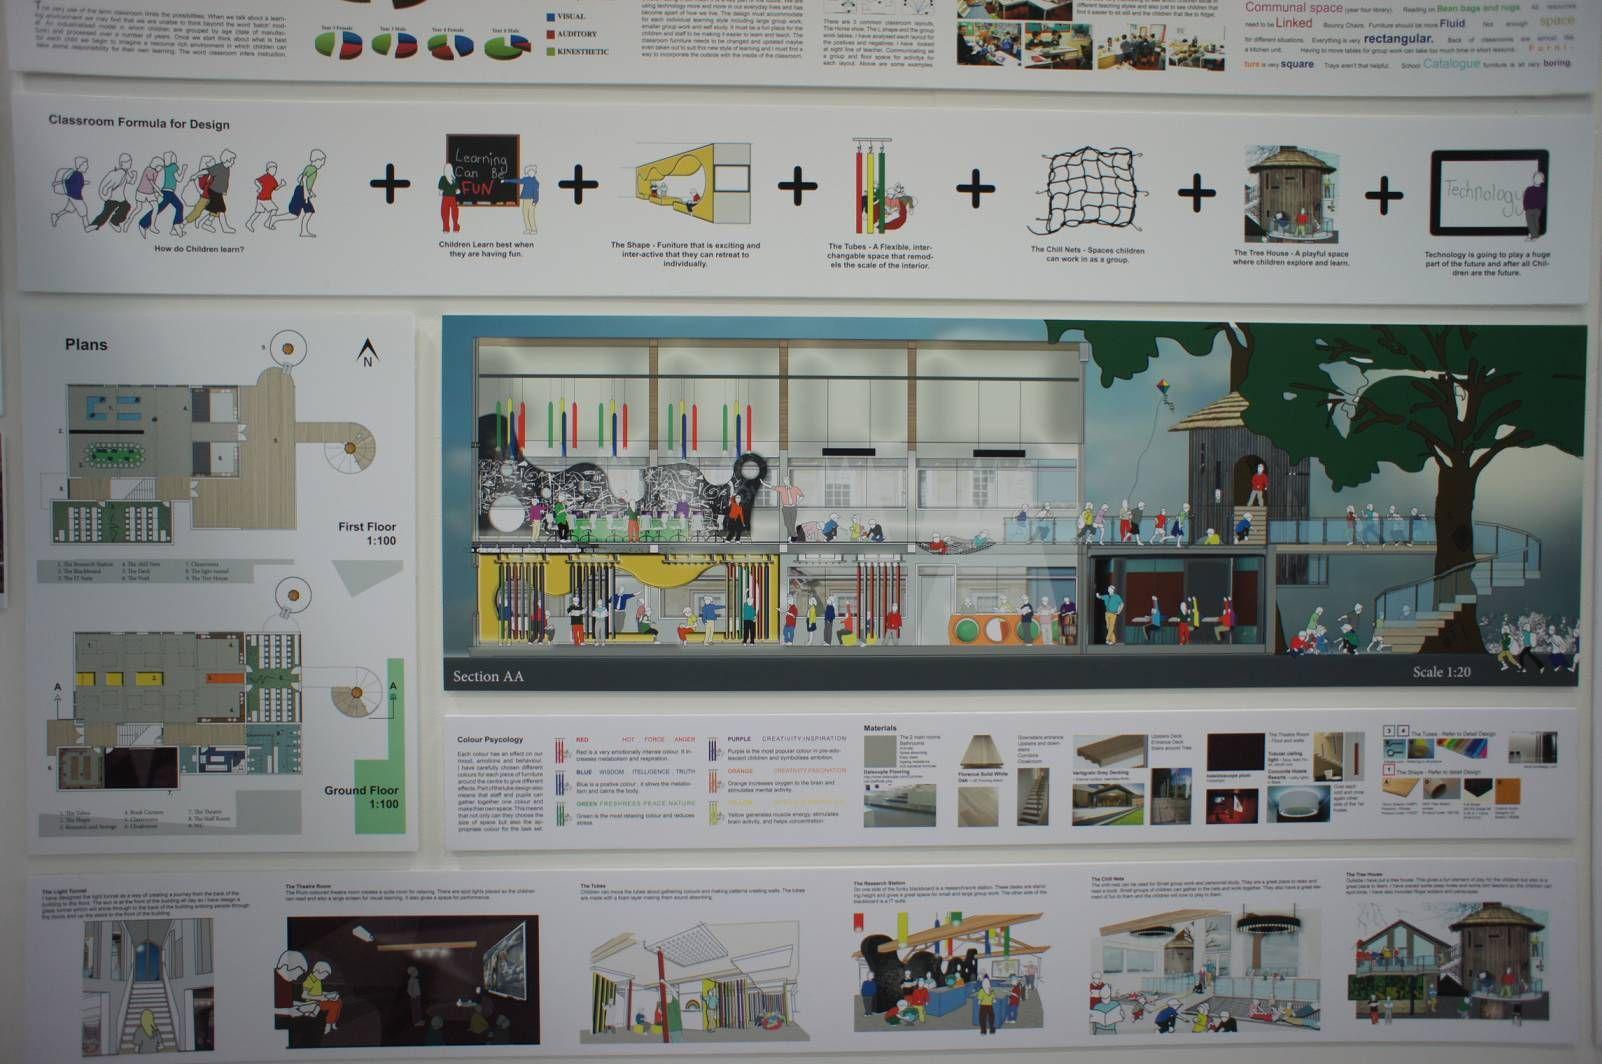 interior of college architecture design nebraska masters degree programs archpromo